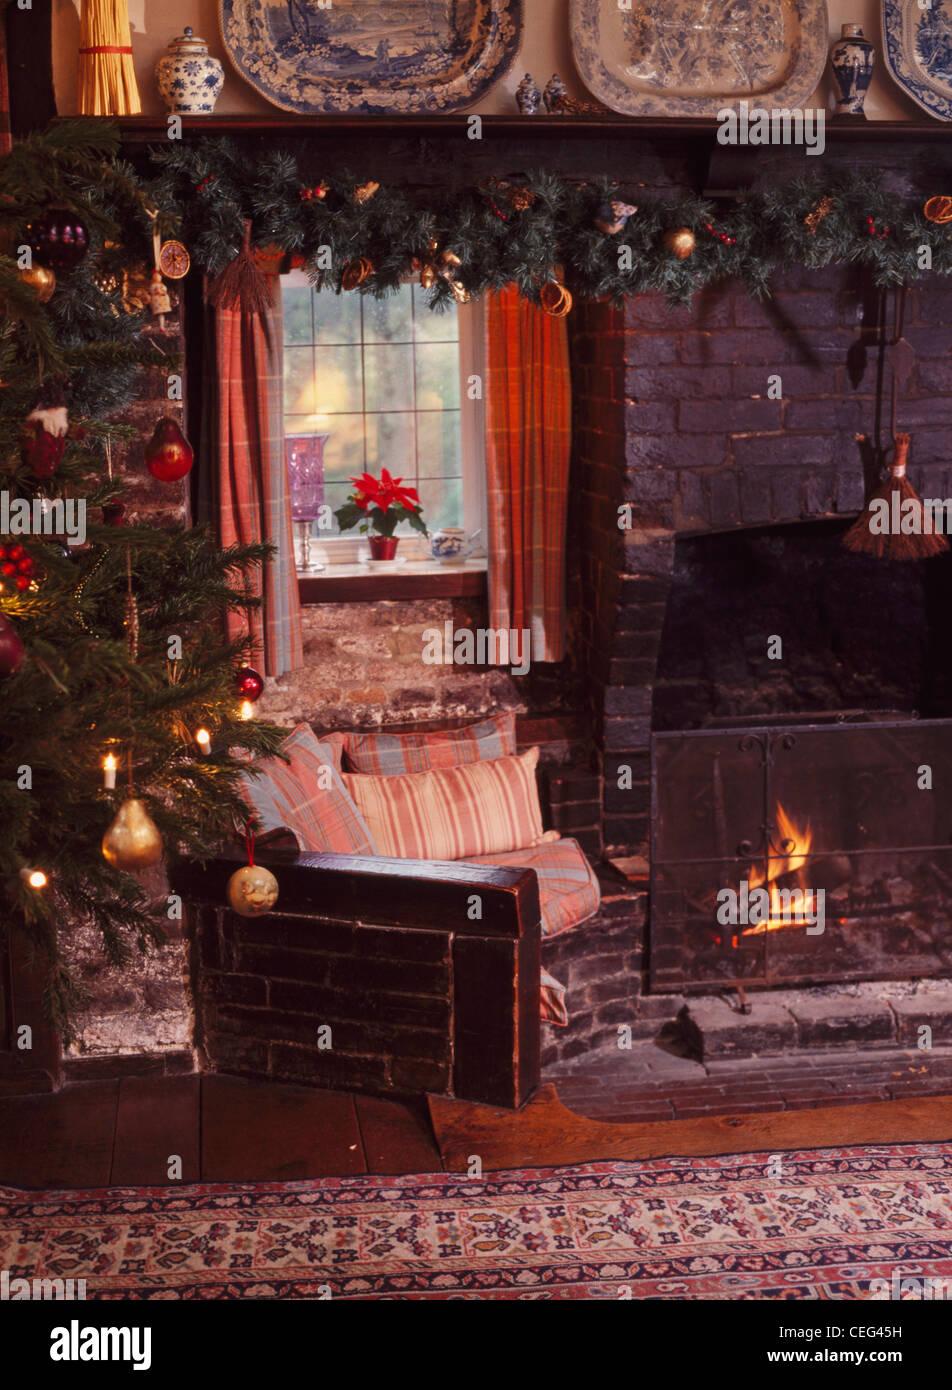 Sessel Mit Brennenden Feuer Im Land Wohnzimmer Kamin Dekoriert Für  Weihnachten